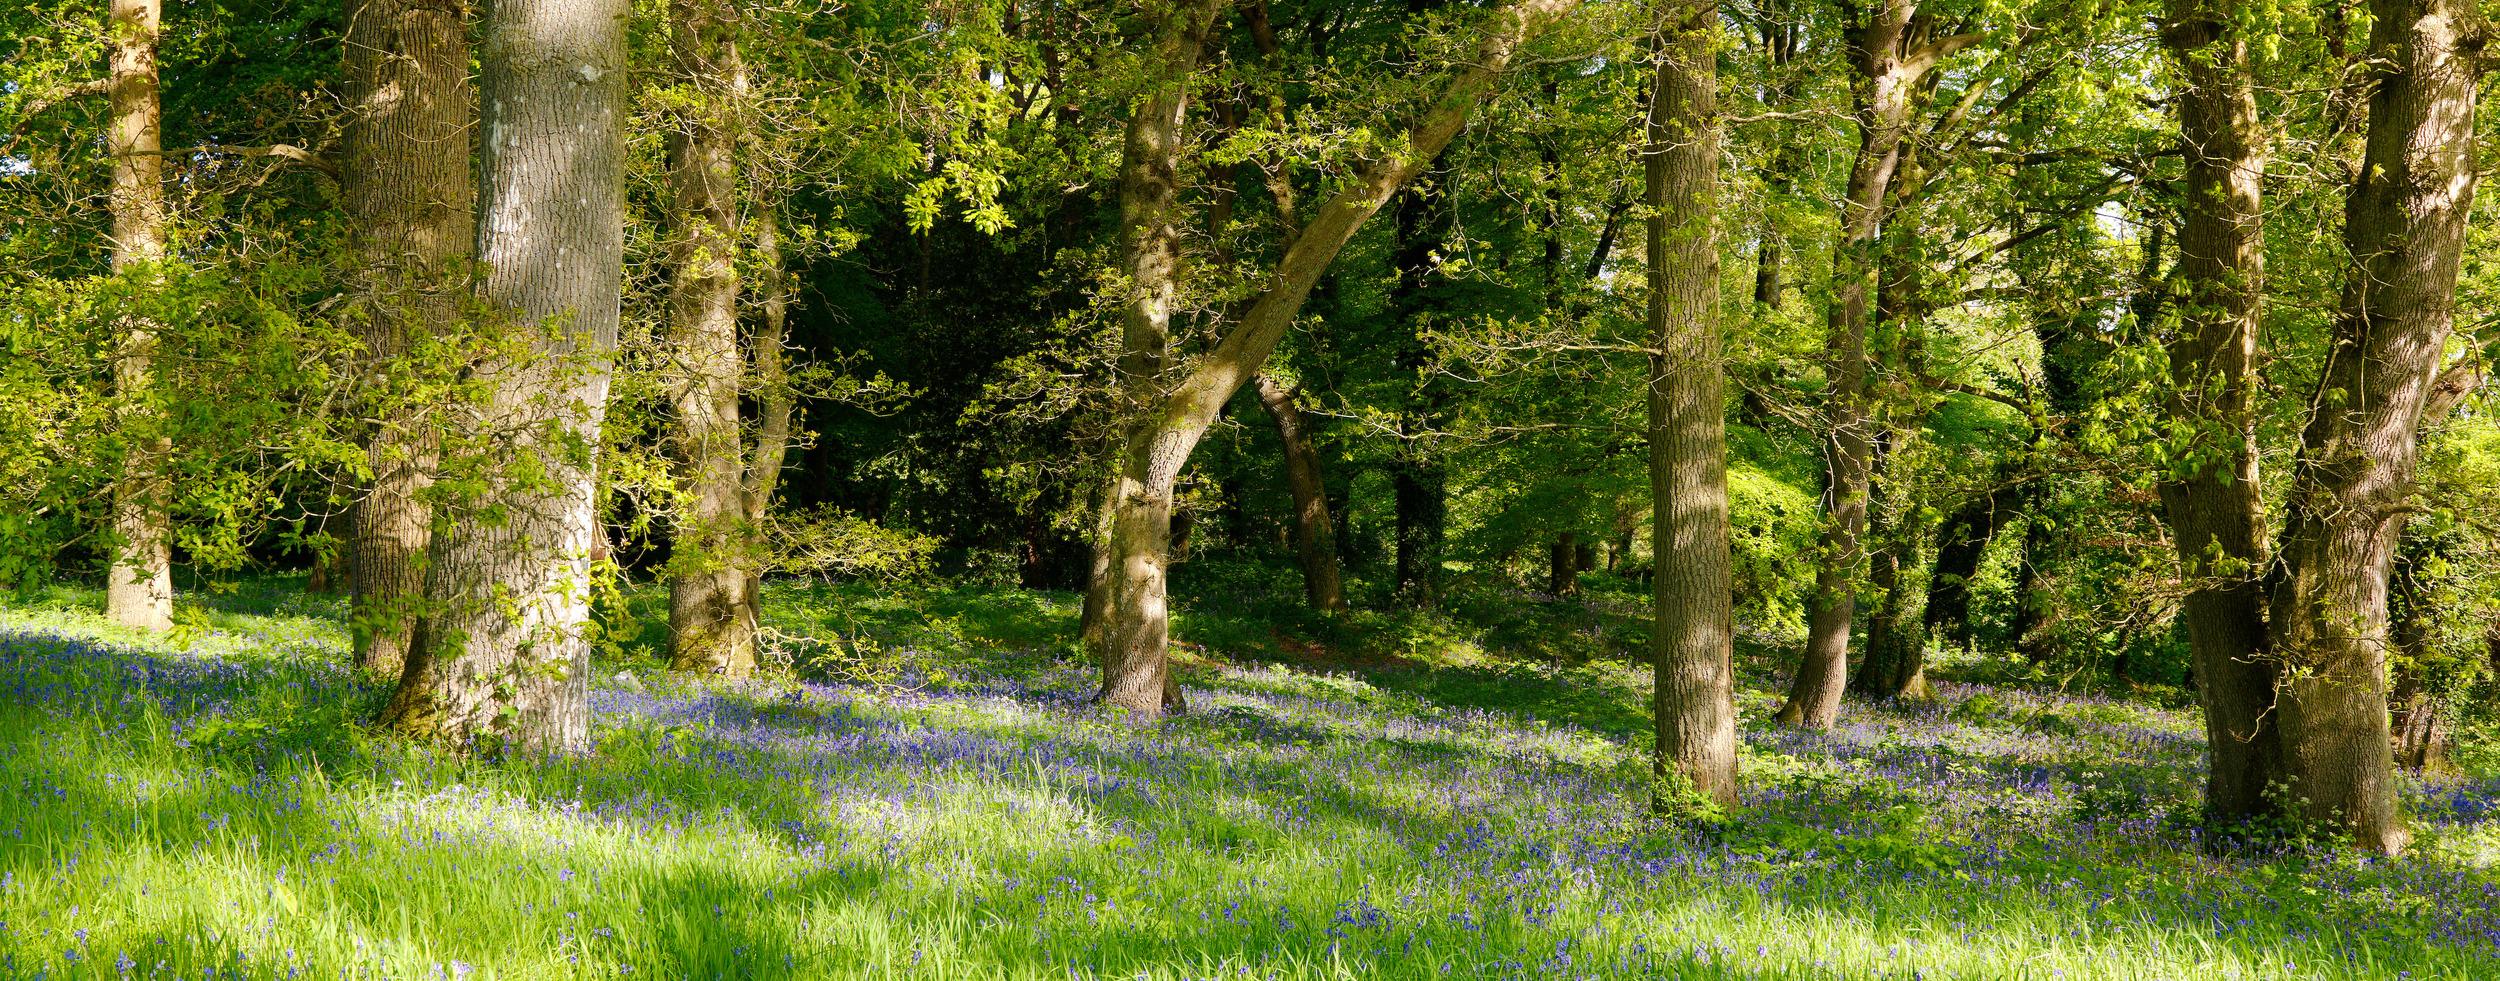 Mount_Juliet_Bluebell_Forest.jpg